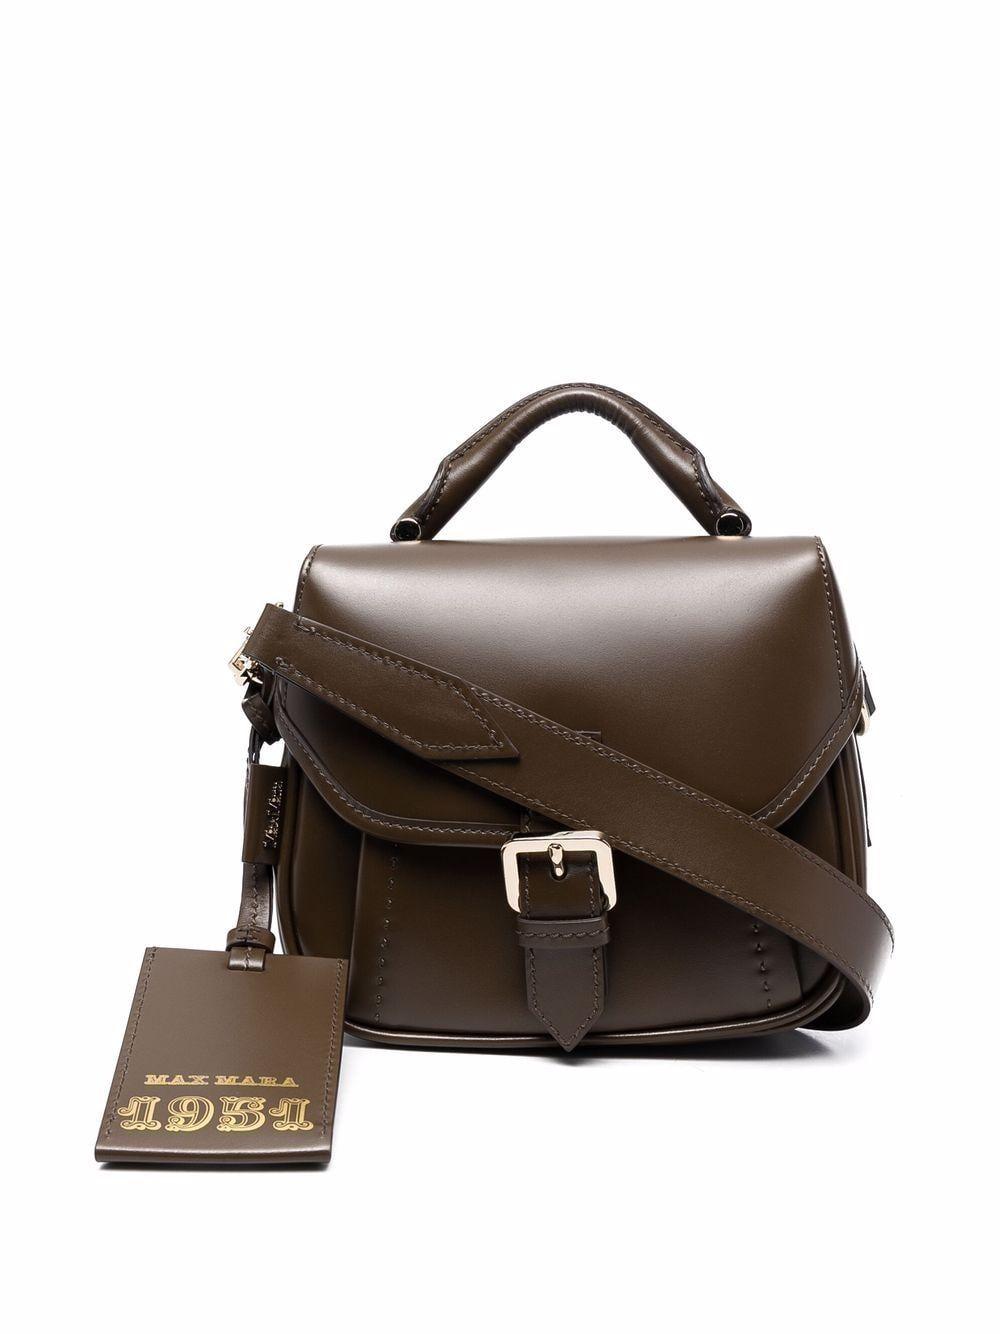 Anna petite leather shoulder bag